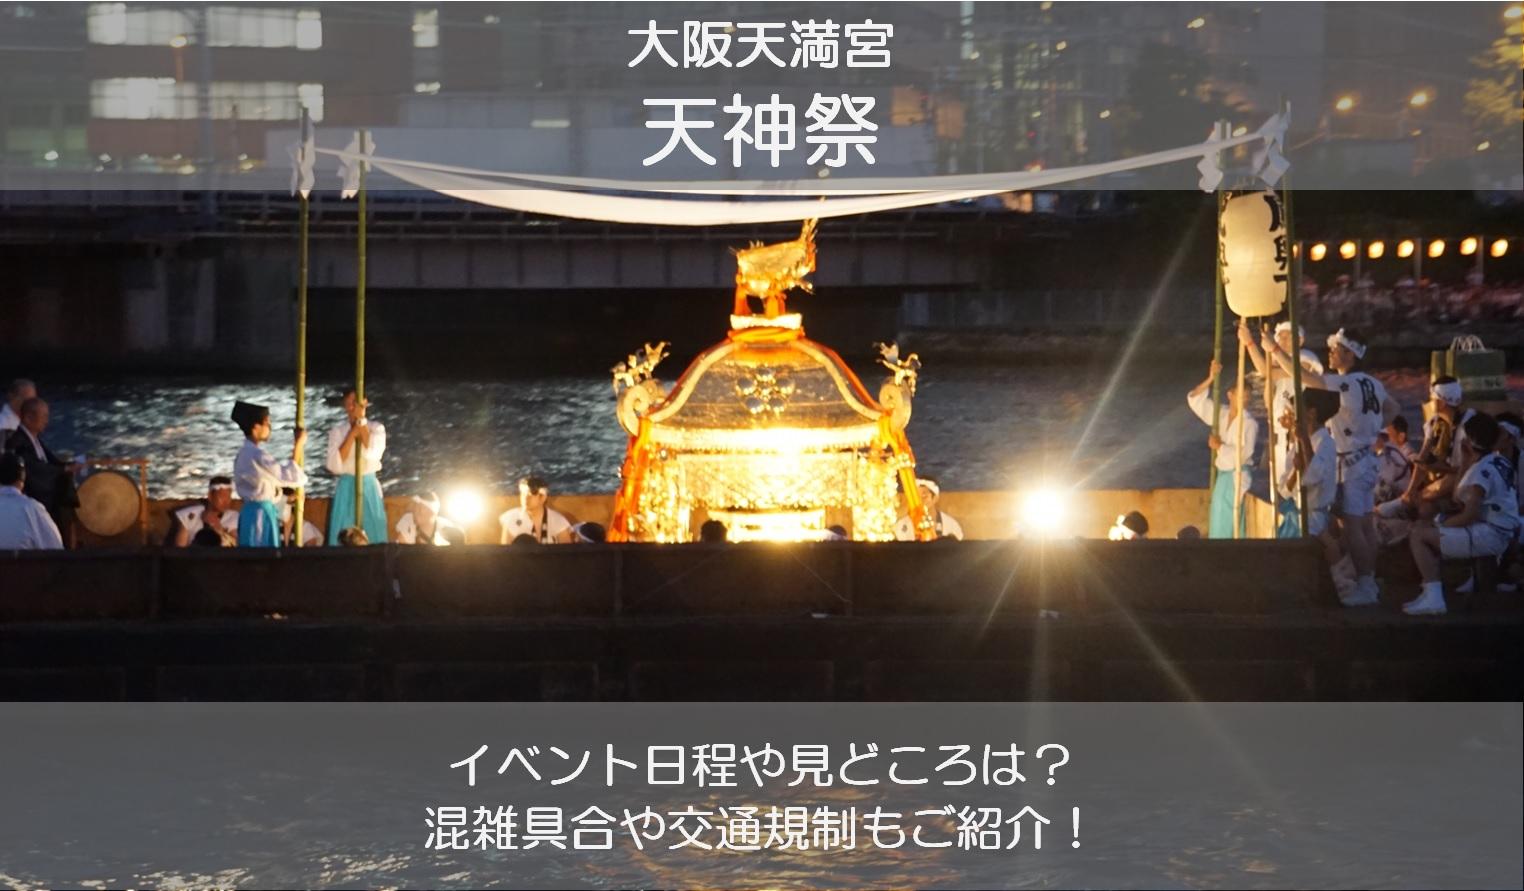 天神祭2019(大阪)の日程と見どころは?最寄り駅や交通規制も